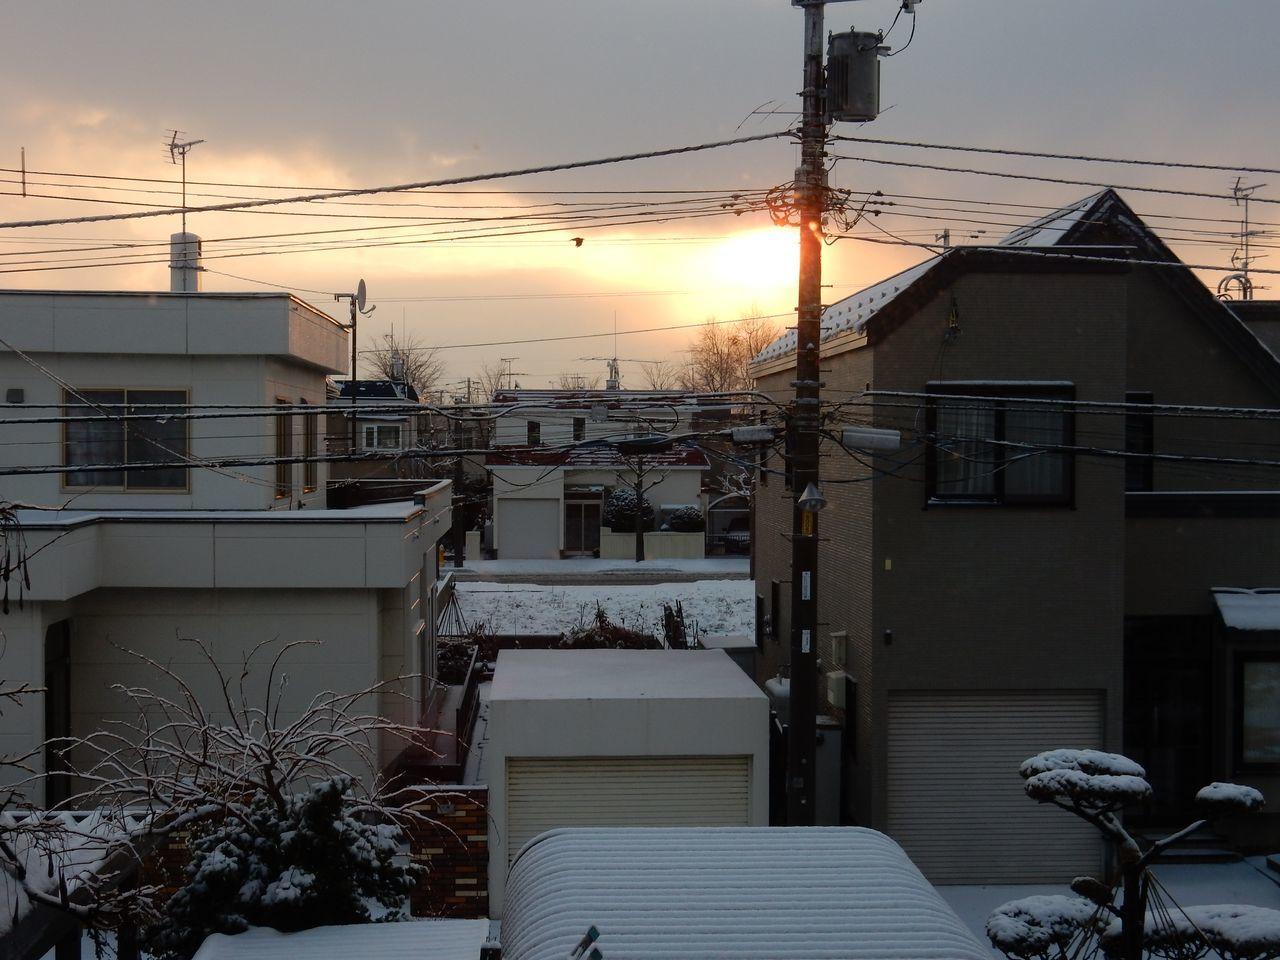 朝 夕 夜_c0025115_20213867.jpg